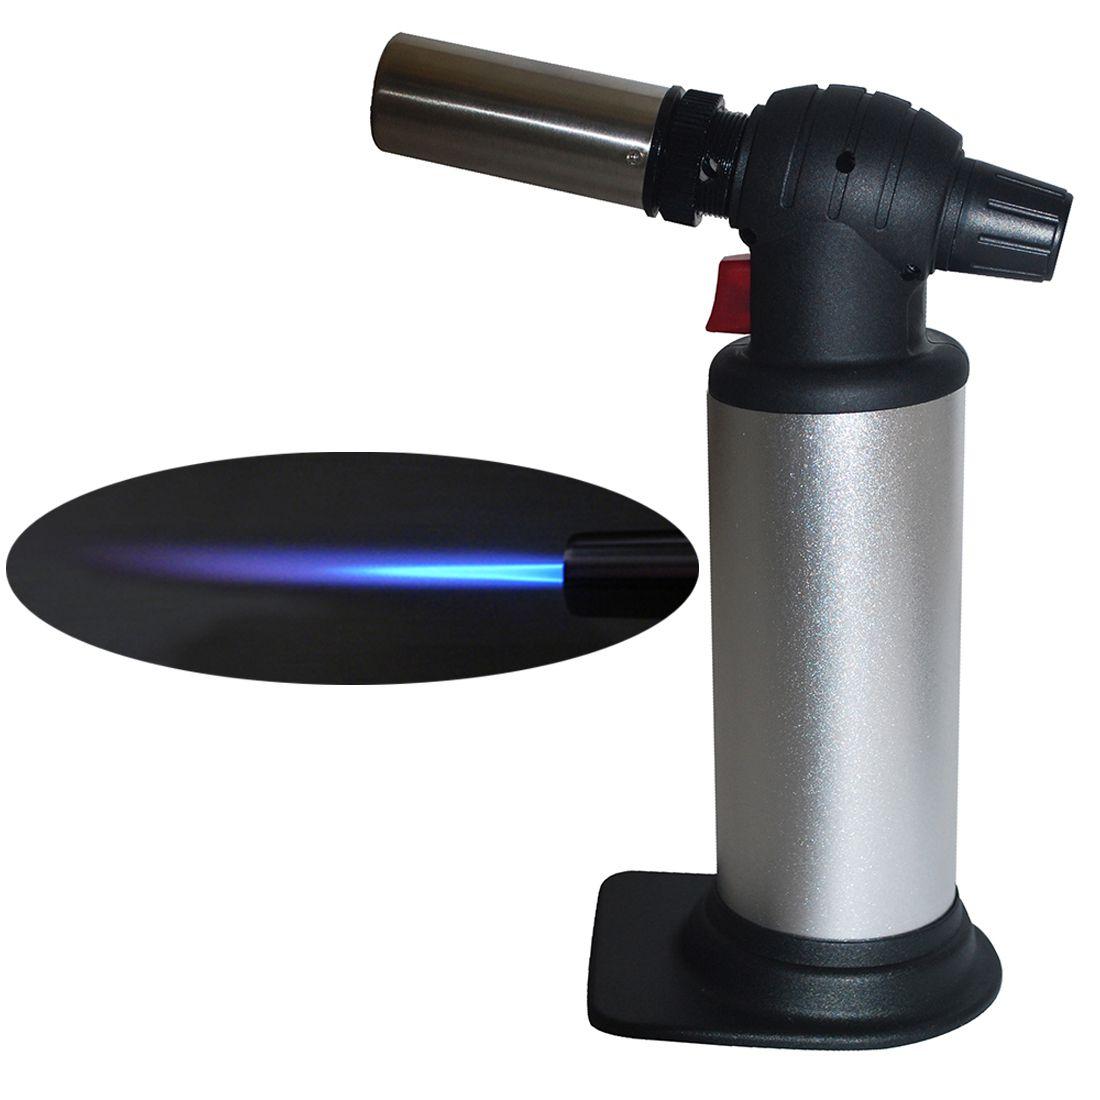 jm silver kitchen blow torch - Kitchen Blowtorch